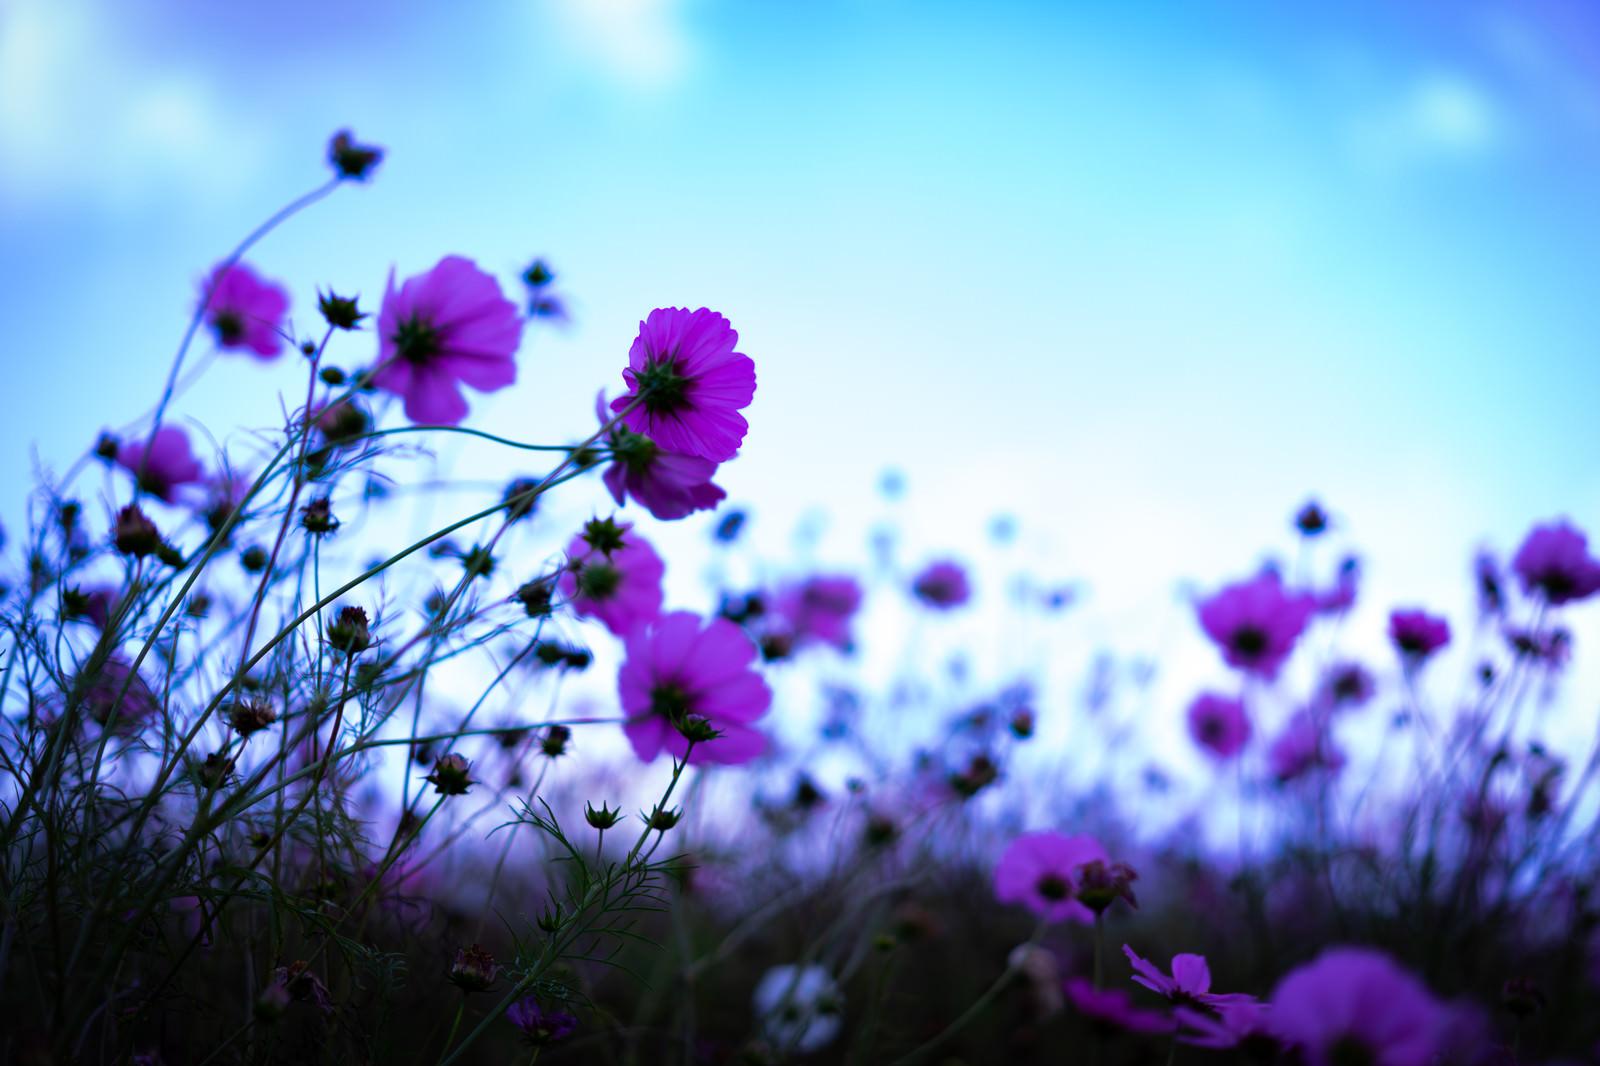 「群生する桃色のコスモス」の写真